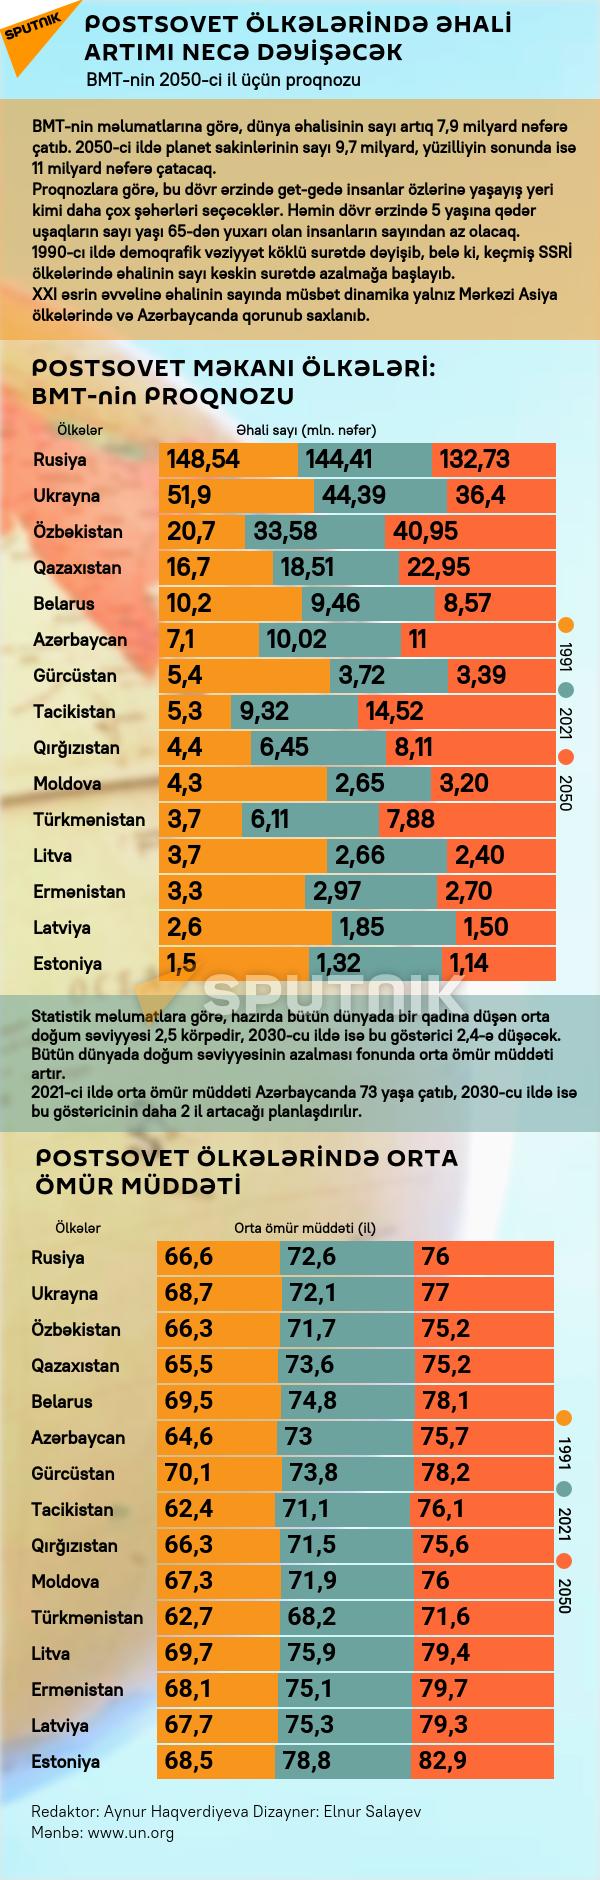 İnfoqrafika: Postsovet ölkələrində əhali artımı ilə bağlı vəziyyət - Sputnik Azərbaycan, 1920, 14.09.2021